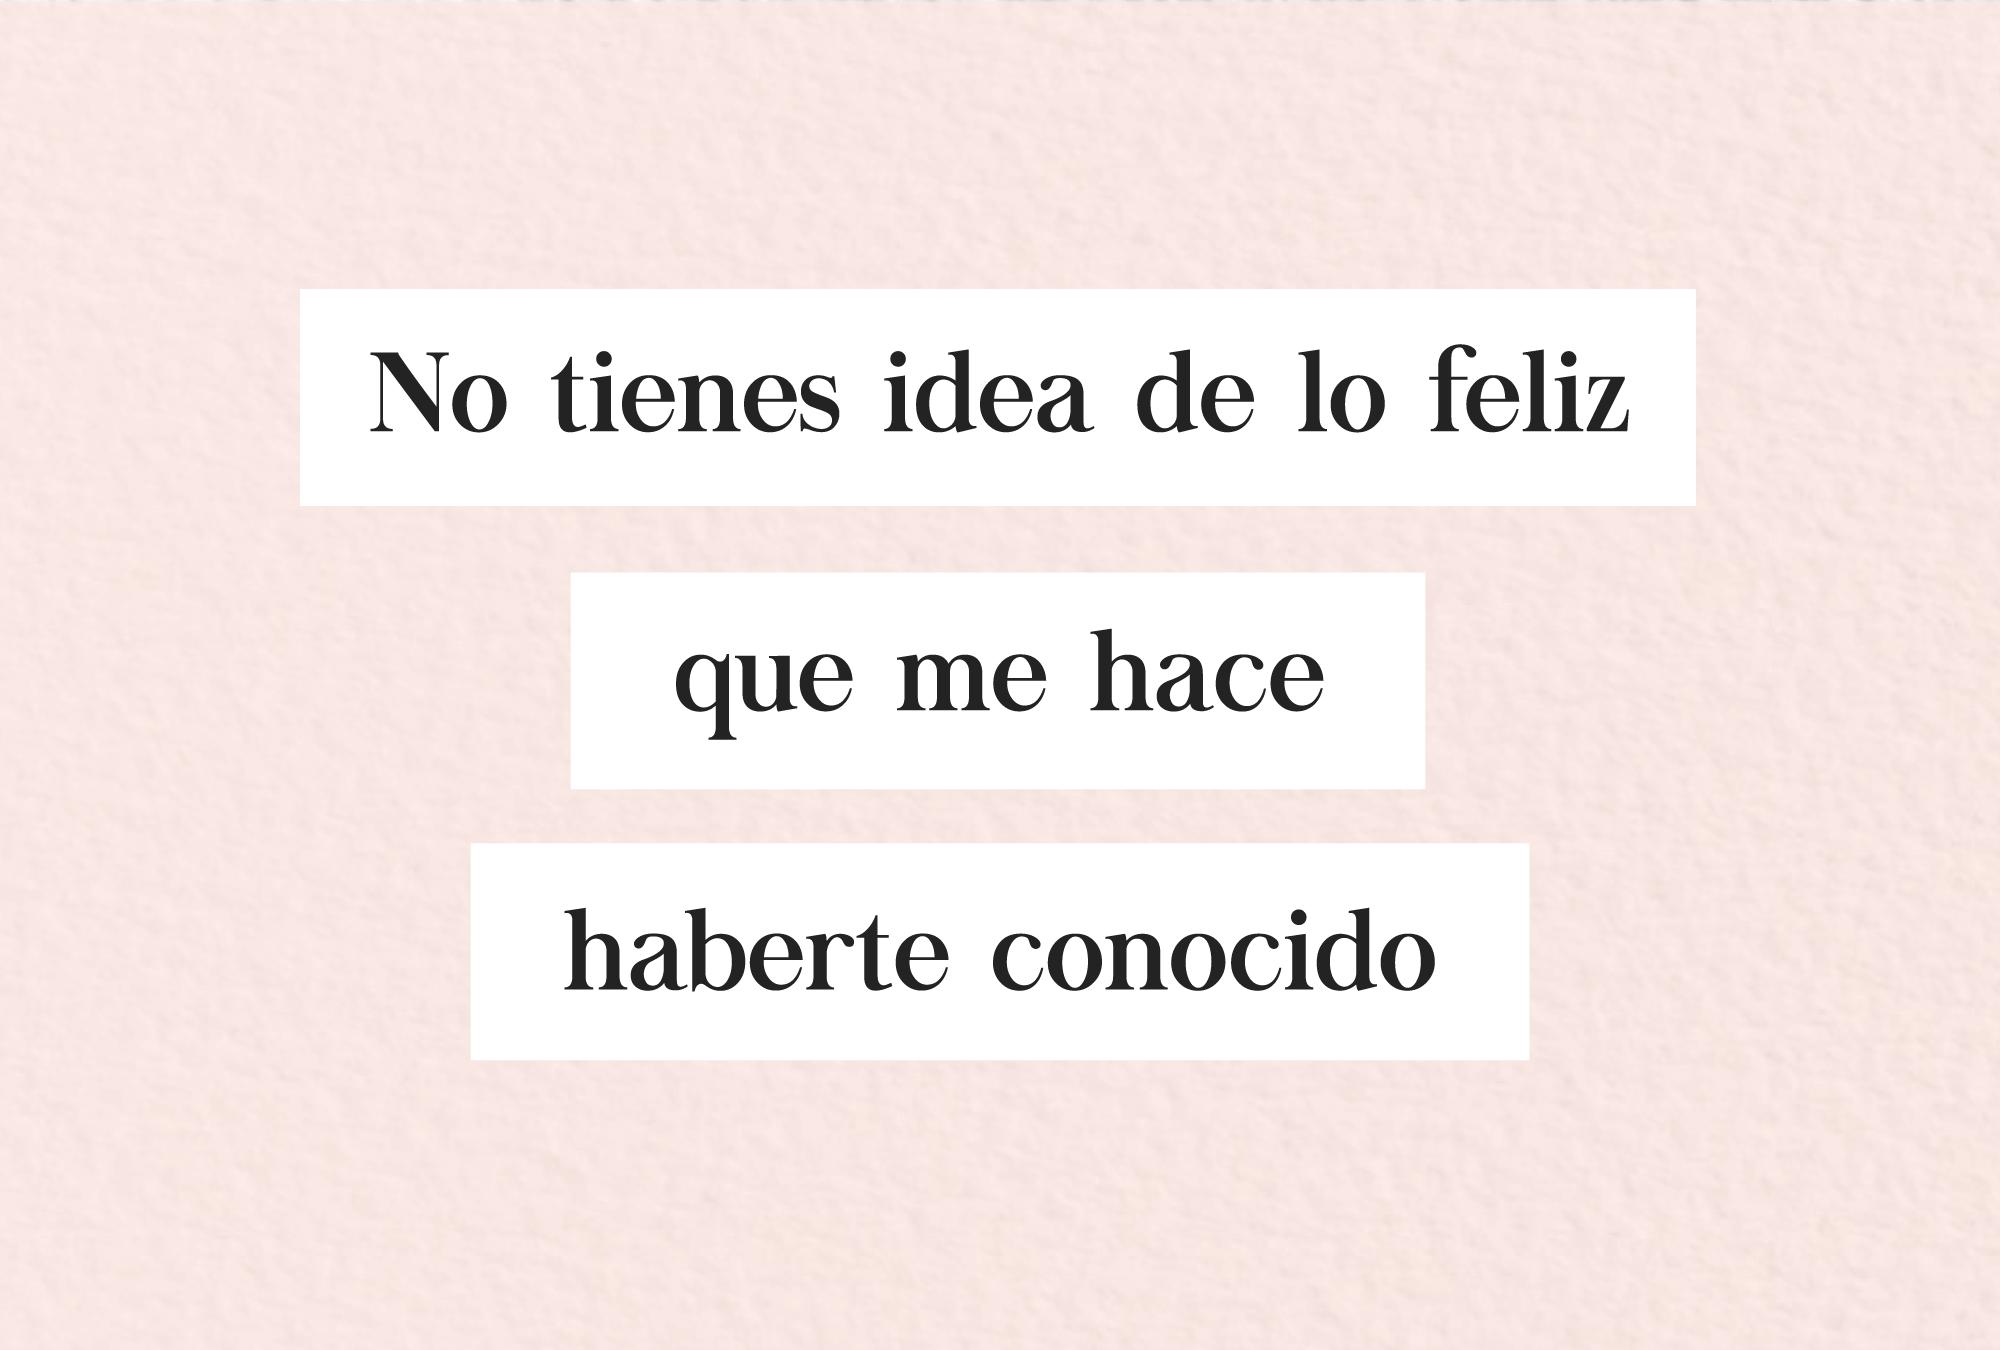 21 Frases De Amor Para Poner De Estado En Whatsapp Frases Bonitas Frases Cursis Frases Love